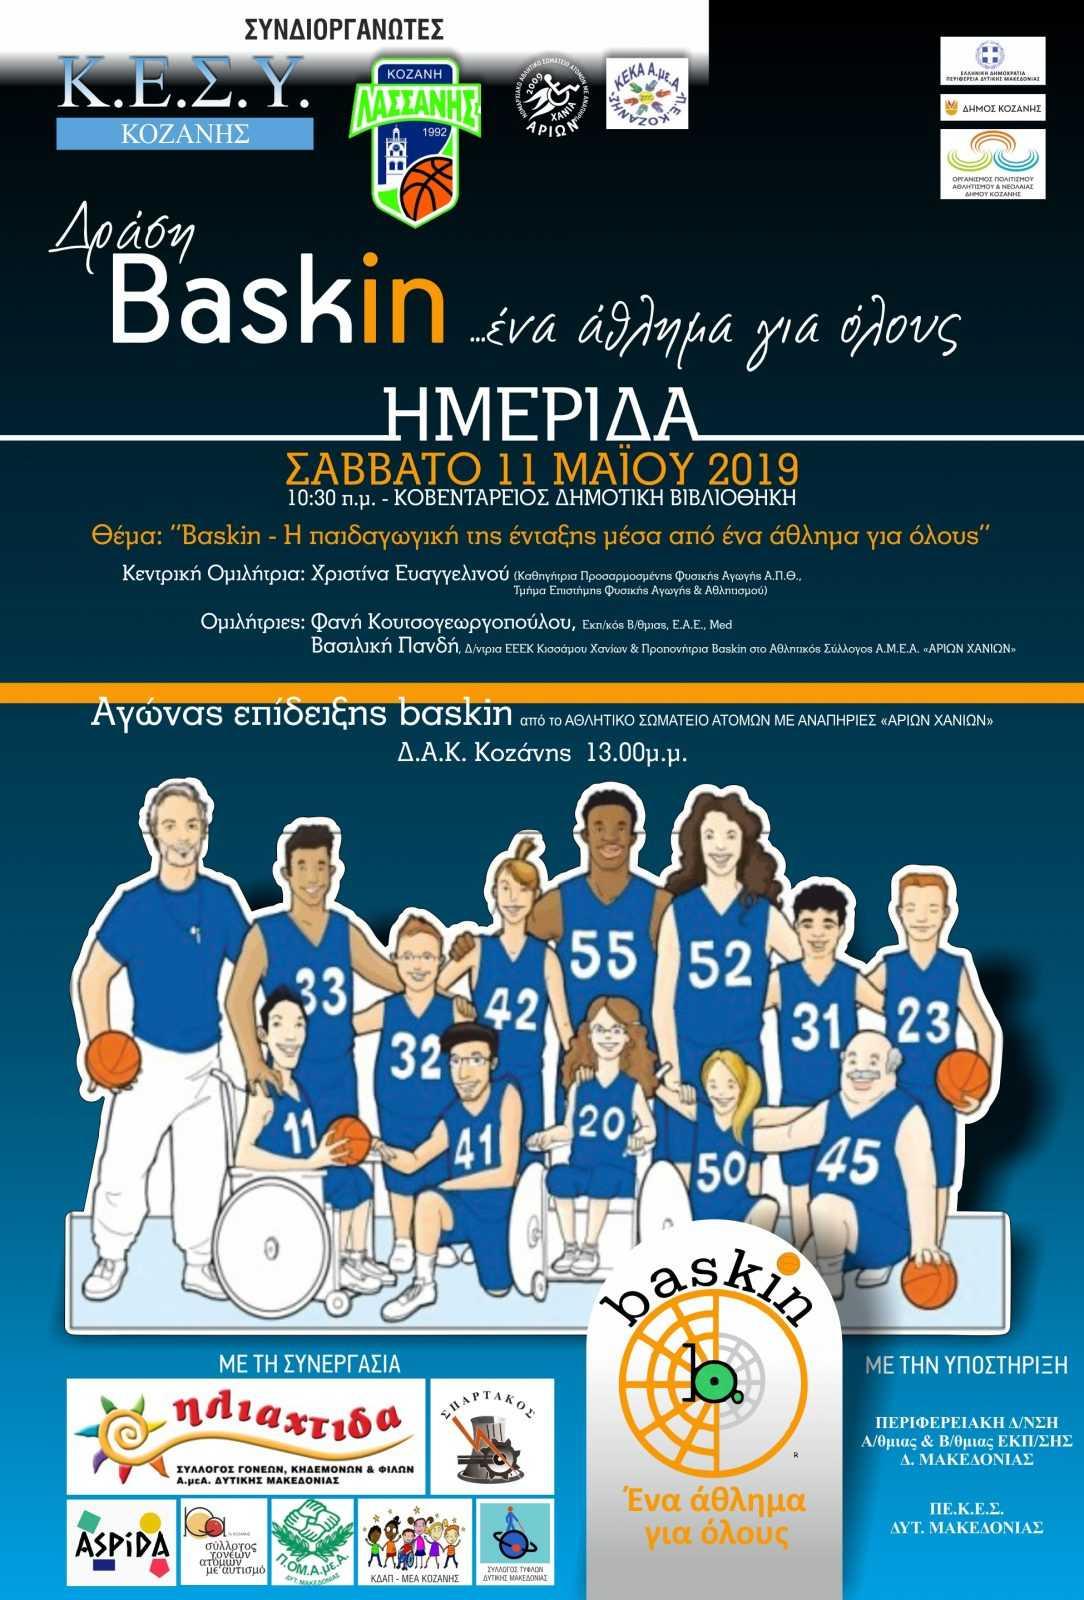 Δράση: Baskin-Η παιδαγωγική της ένταξης μέσα από ένα άθλημα για όλους